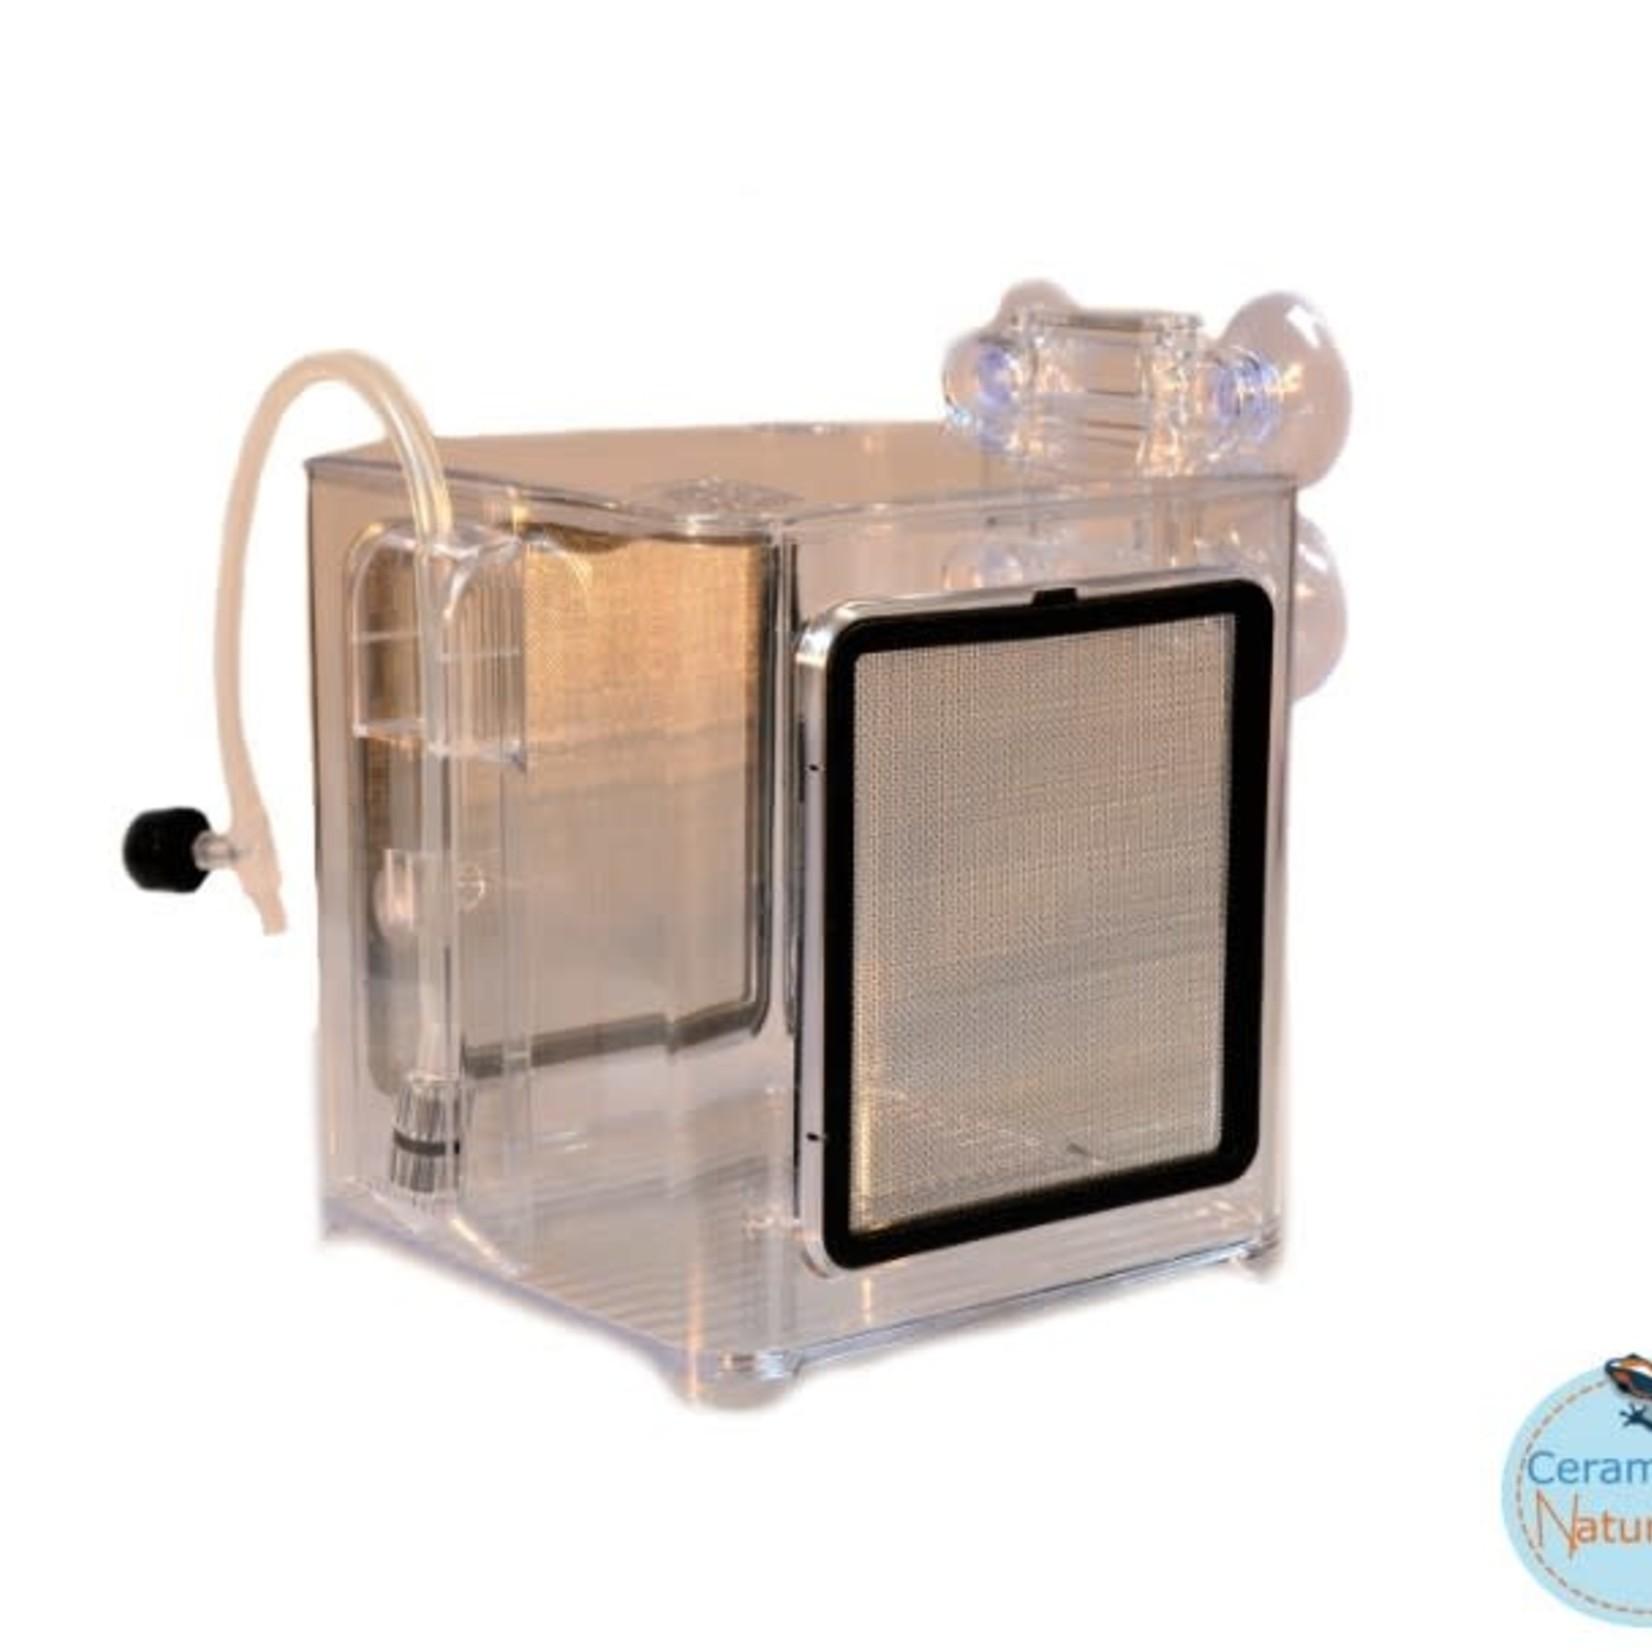 Ziss Kweekbox BL-2 - Perfect voor het kweken van vis en garnalen